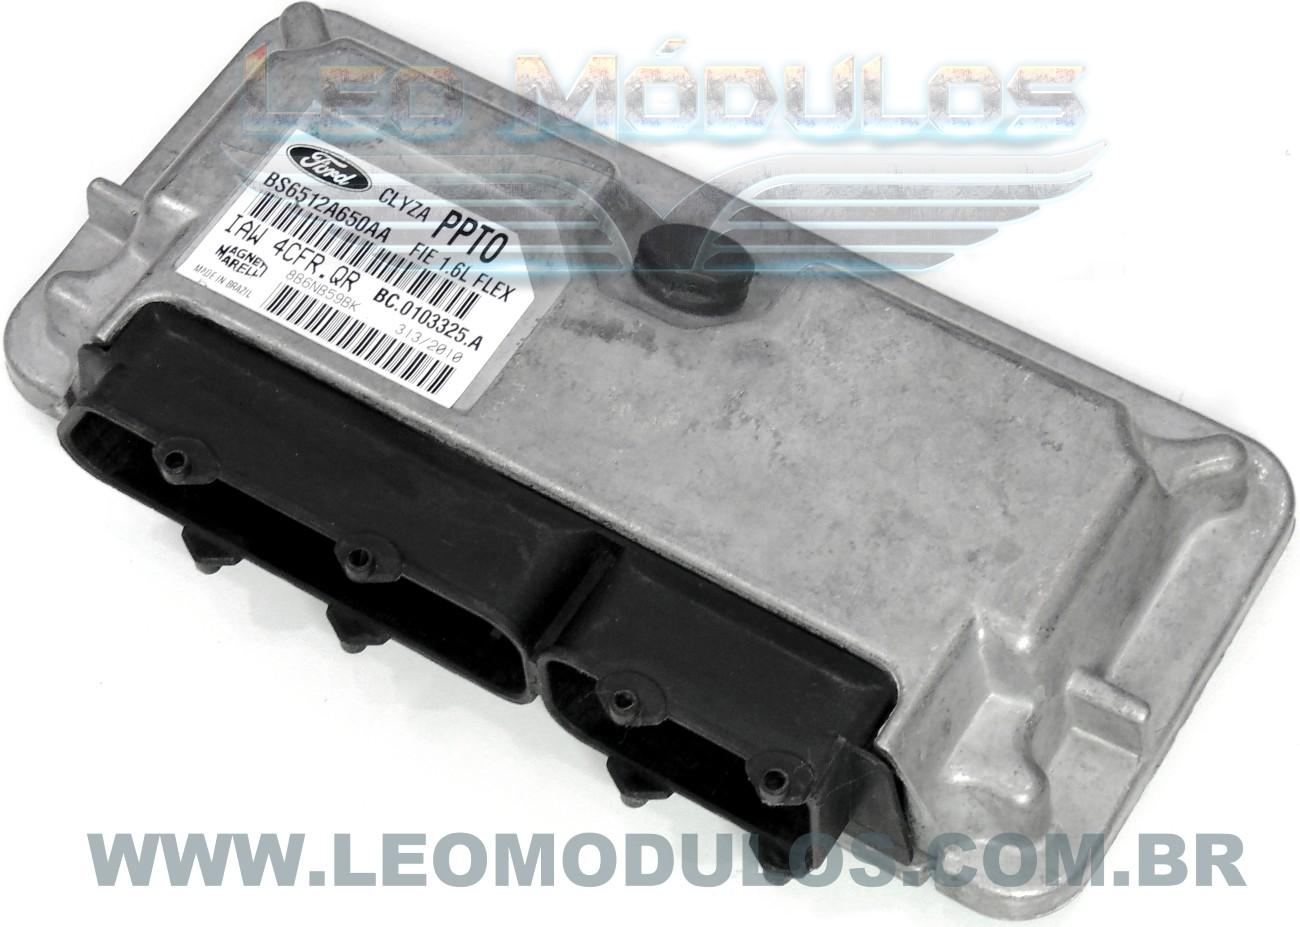 Módulo de injeção marelli - IAW 4CFR.QR PPT0 - BS6512A650AA - Ford Fiesta 1.6 Flex - IAW 4CFRQR - Leo Módulos